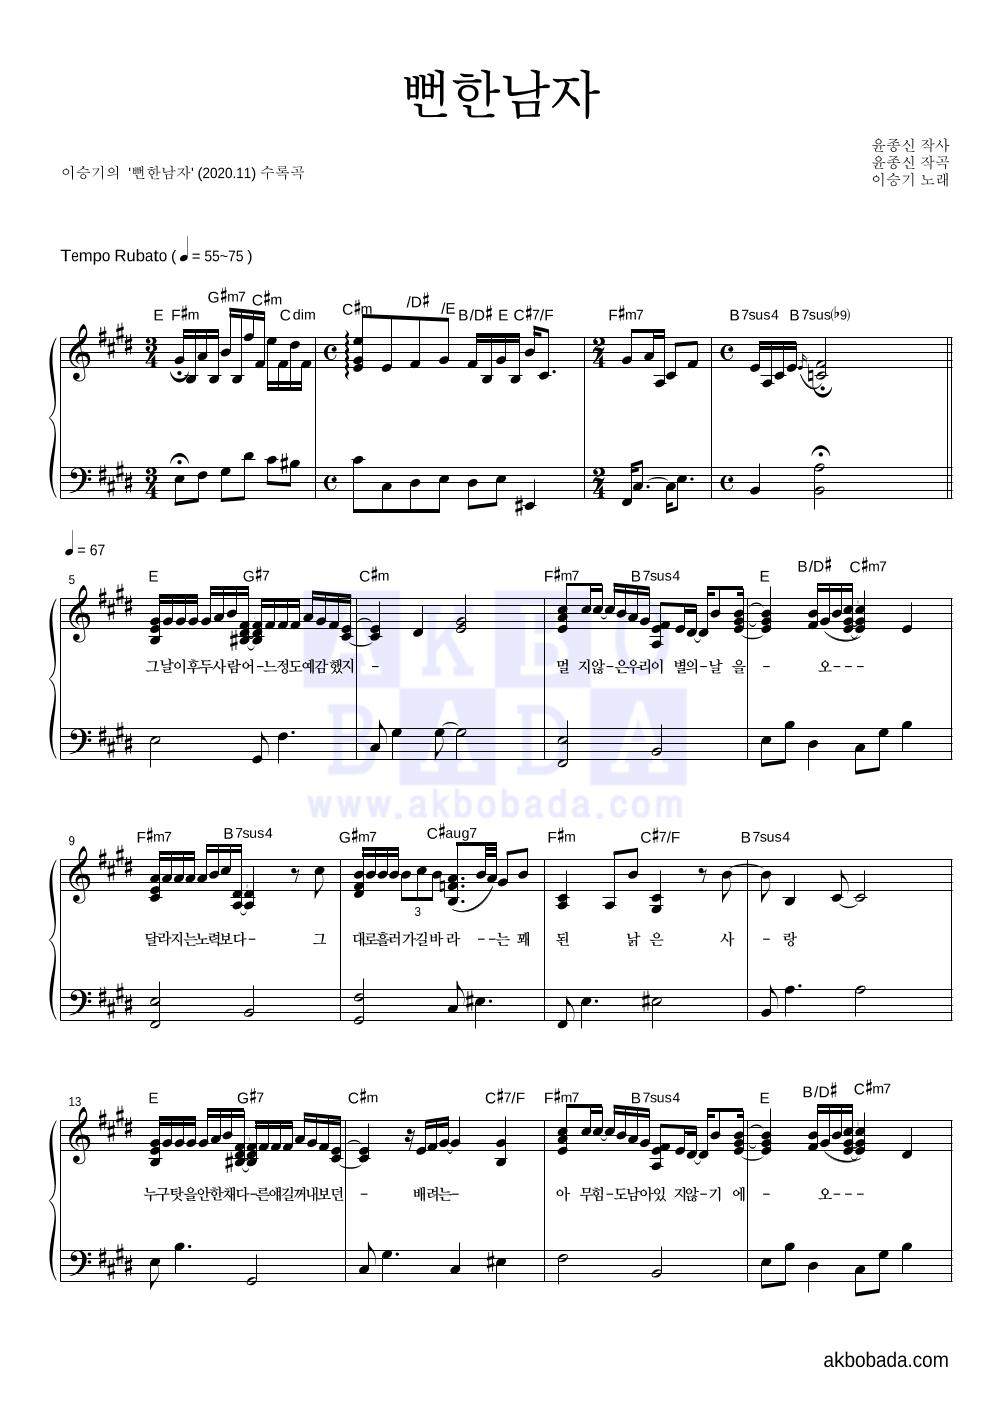 이승기 - 뻔한남자 피아노 2단 악보